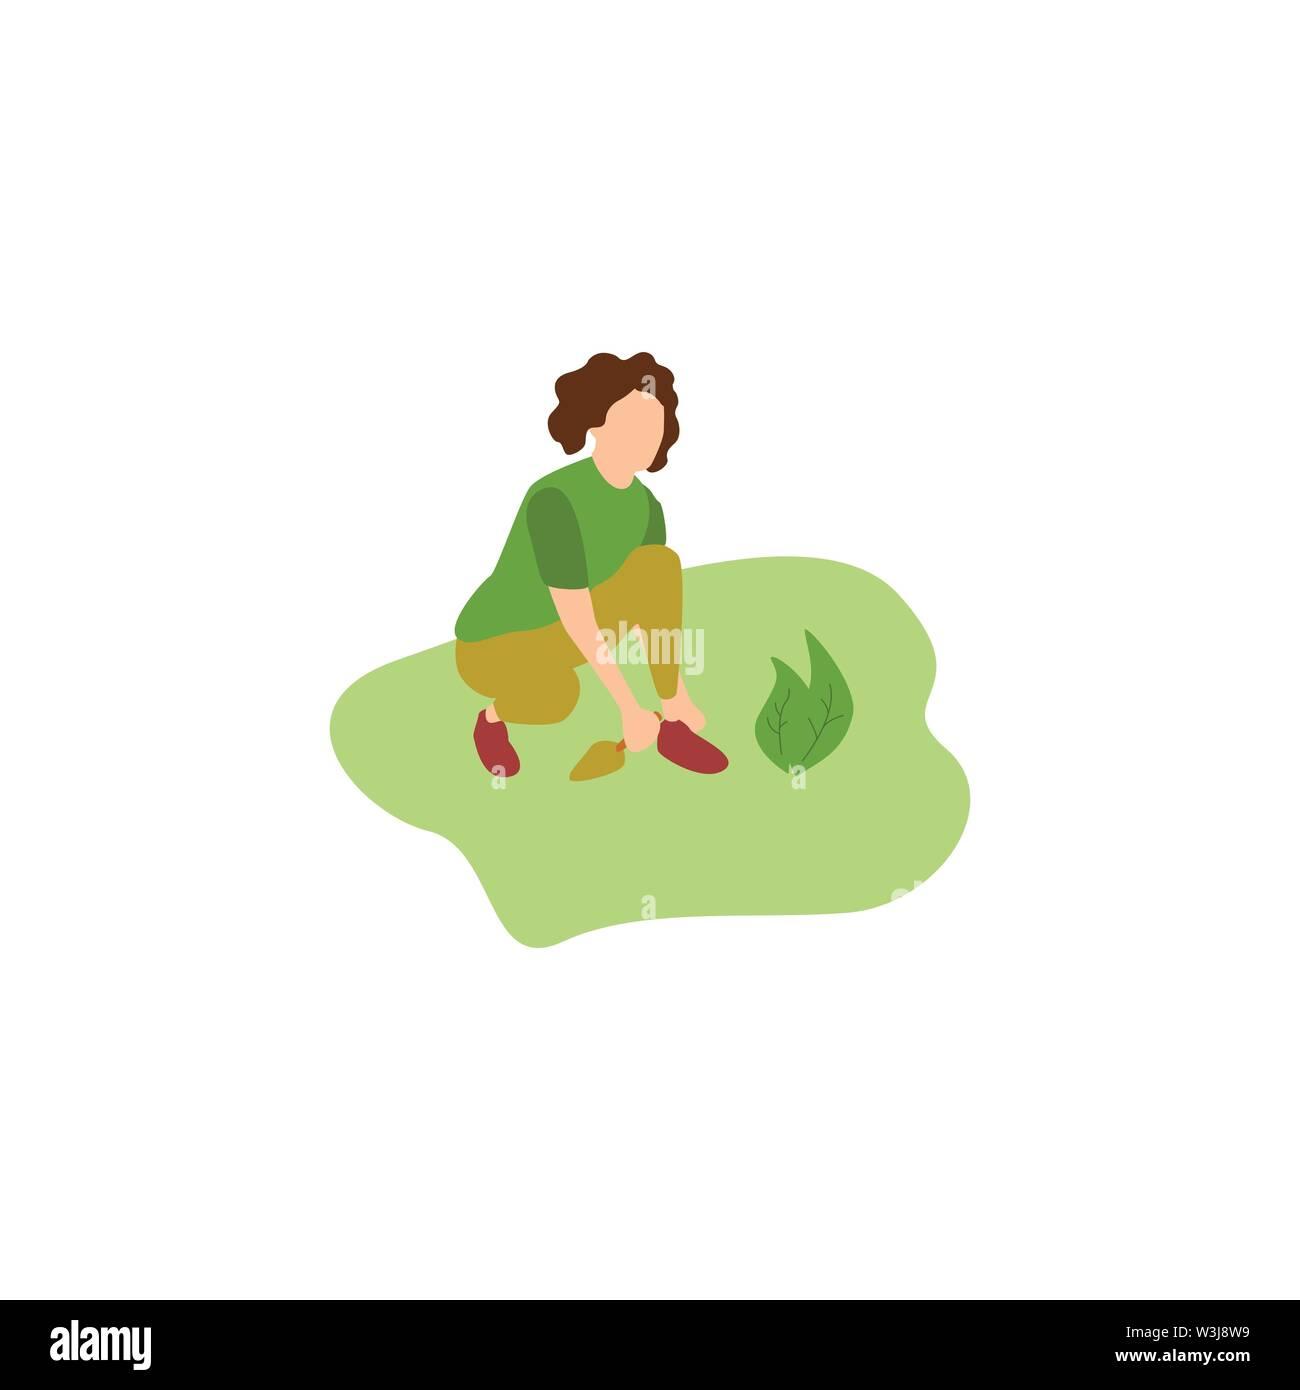 Enjoy Gardening in the Park, Human Hobbies Gardening - Stock Image